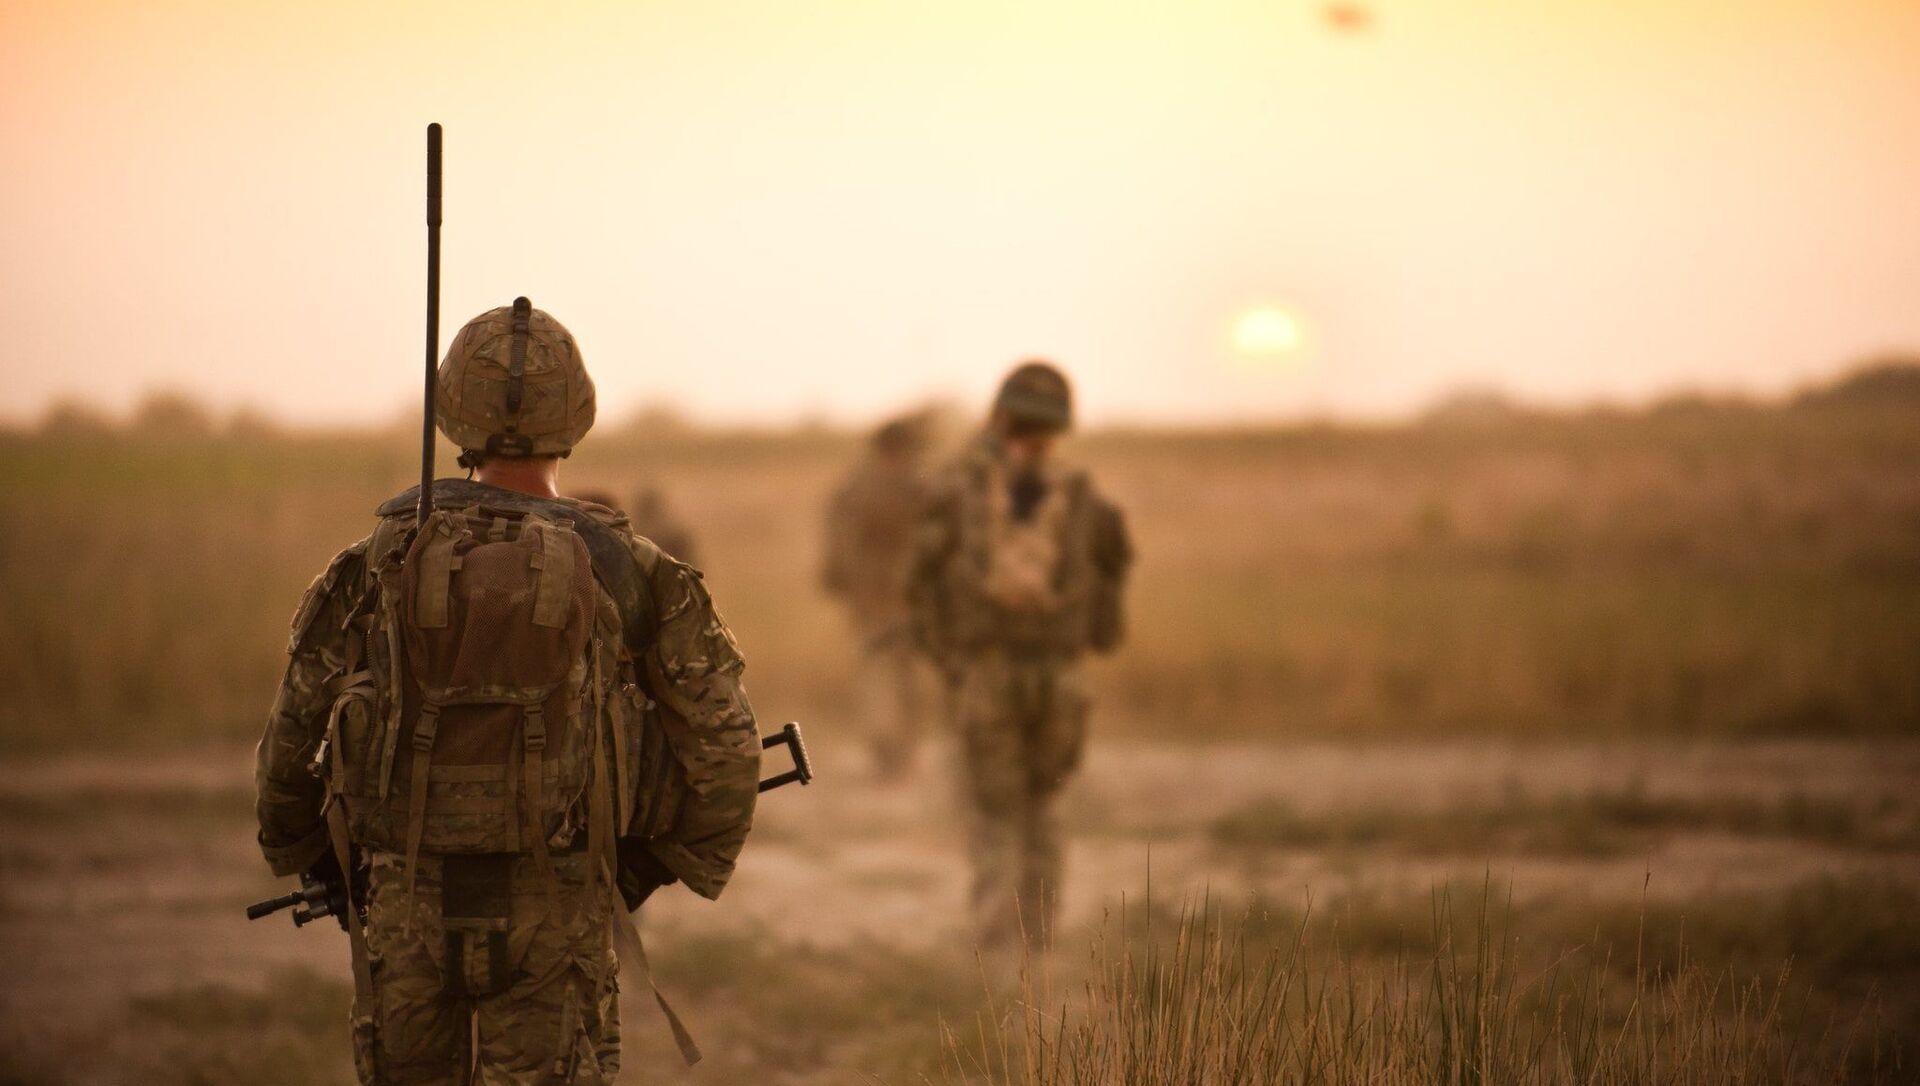 Soldiers on patrol in farmlands in Helmand Province, Afghanistan on 12 September 2011 - Sputnik International, 1920, 28.07.2021